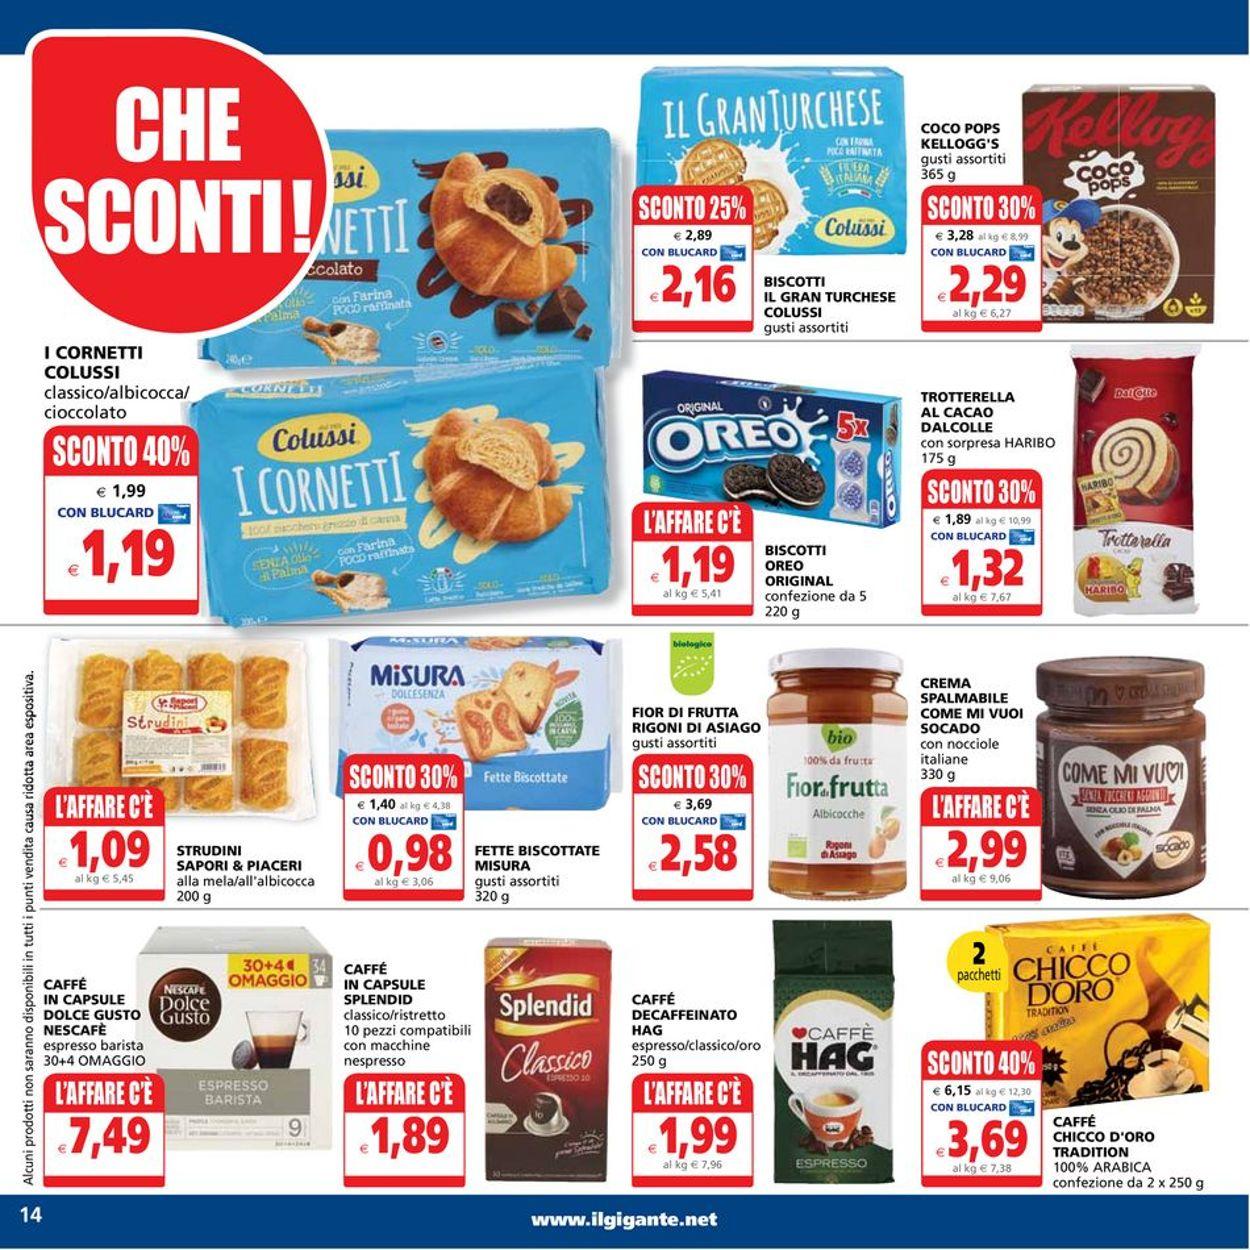 Volantino Il Gigante - Offerte 24/06-04/07/2021 (Pagina 14)